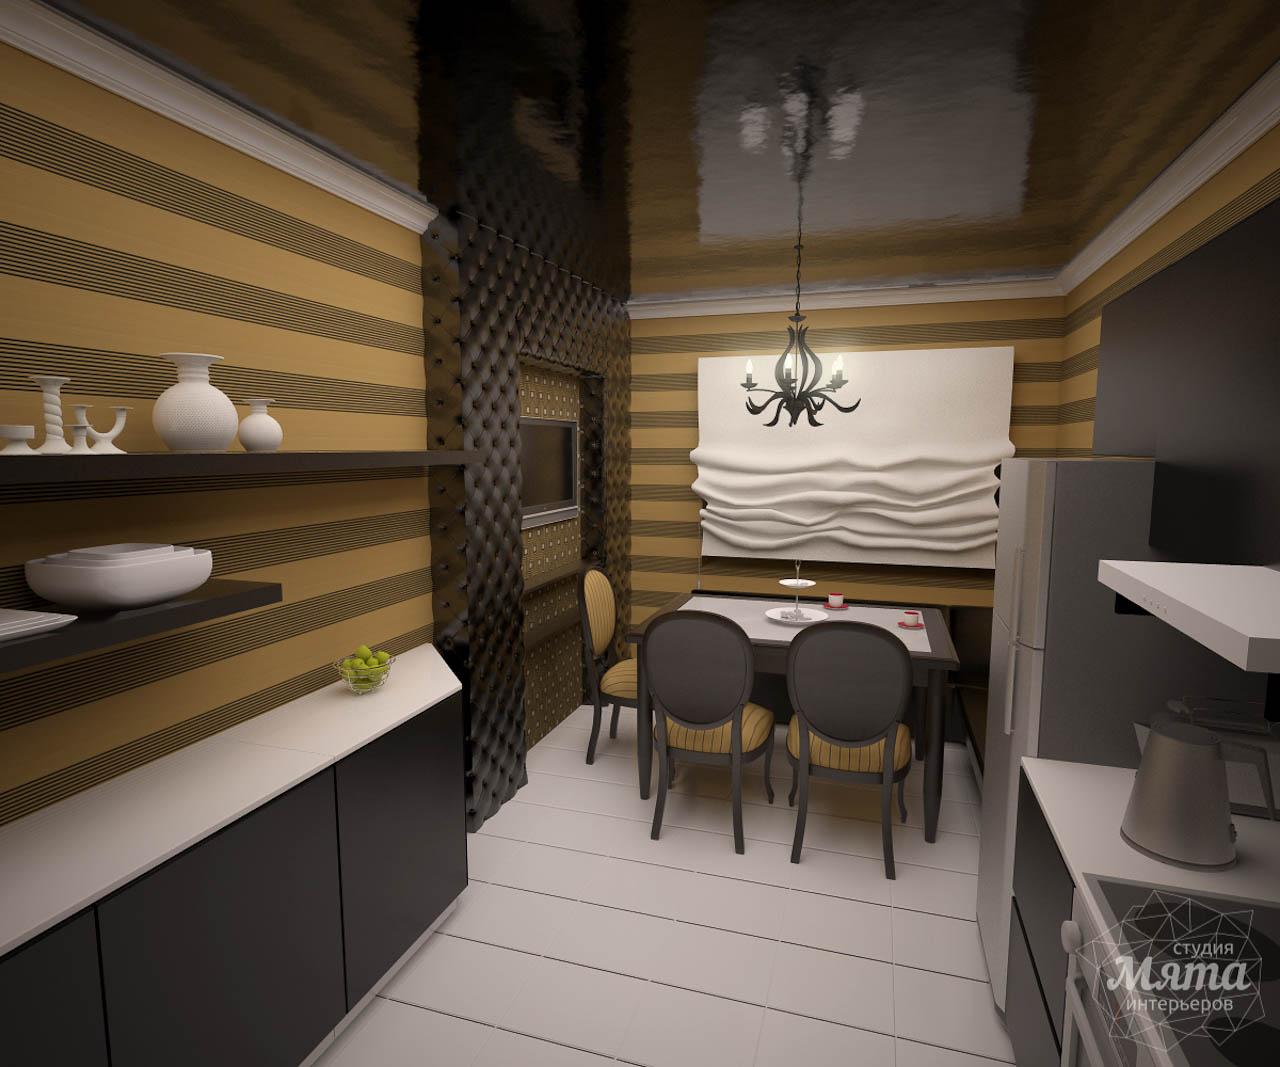 Дизайн интерьера однокомнатной квартиры по ул. Посадская 34 img1034339181